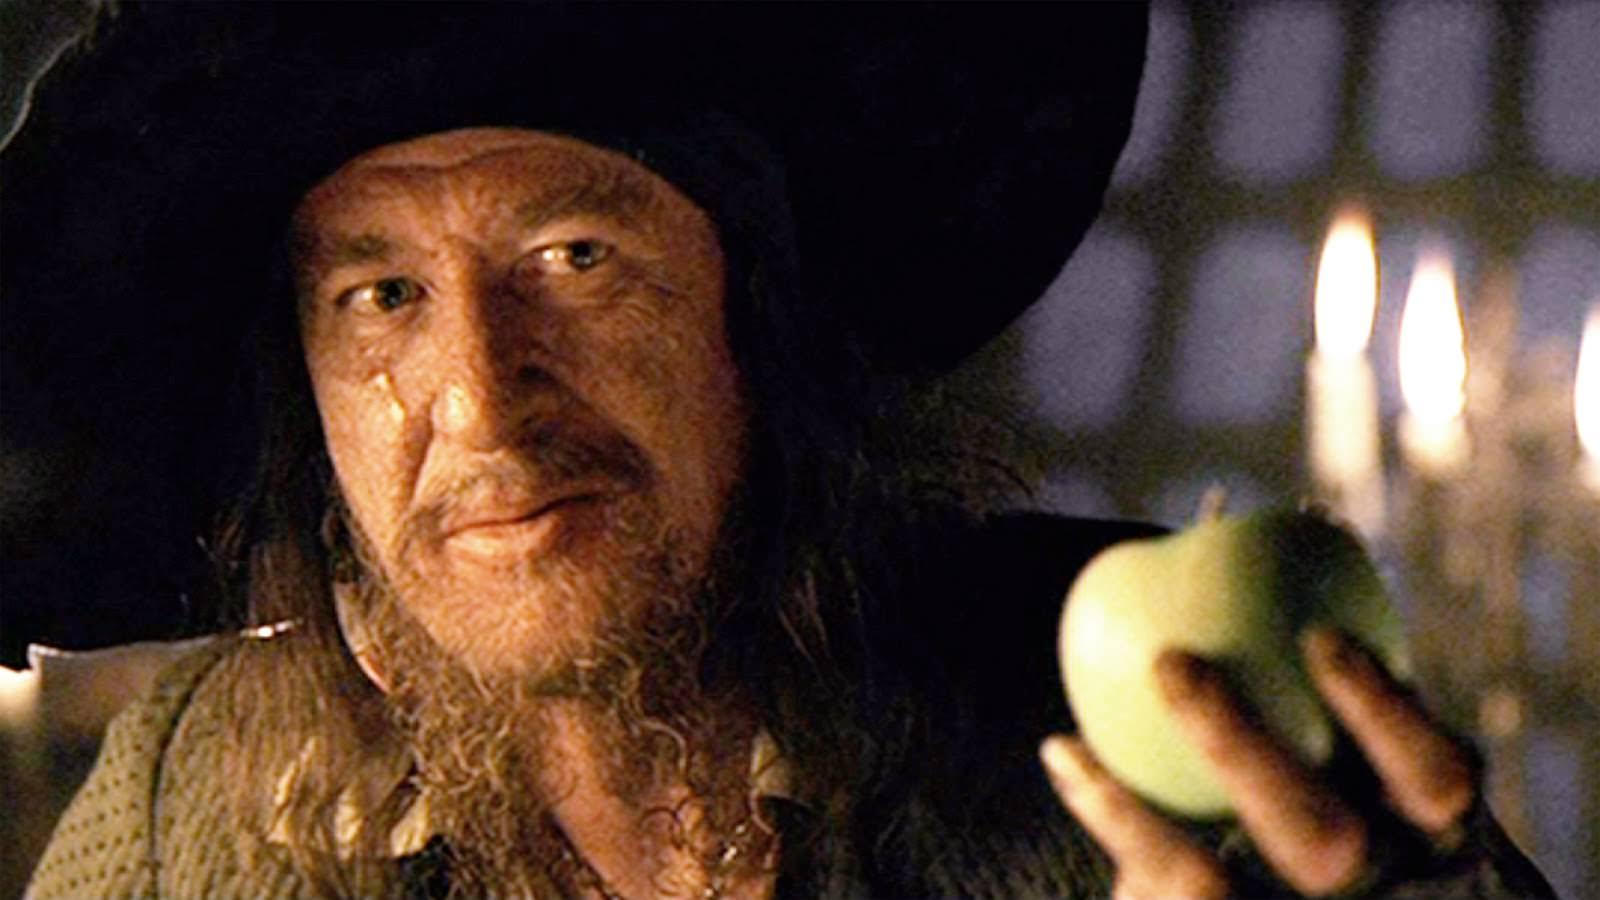 Movie, Pirates of the Caribbean: The Curse of the Black Pearl(美國, 2003年) / 神鬼奇航:鬼盜船魔咒(台灣) / 加勒比海盗(中國) / 魔盜王決戰鬼盜船(香港), 電影角色與演員介紹